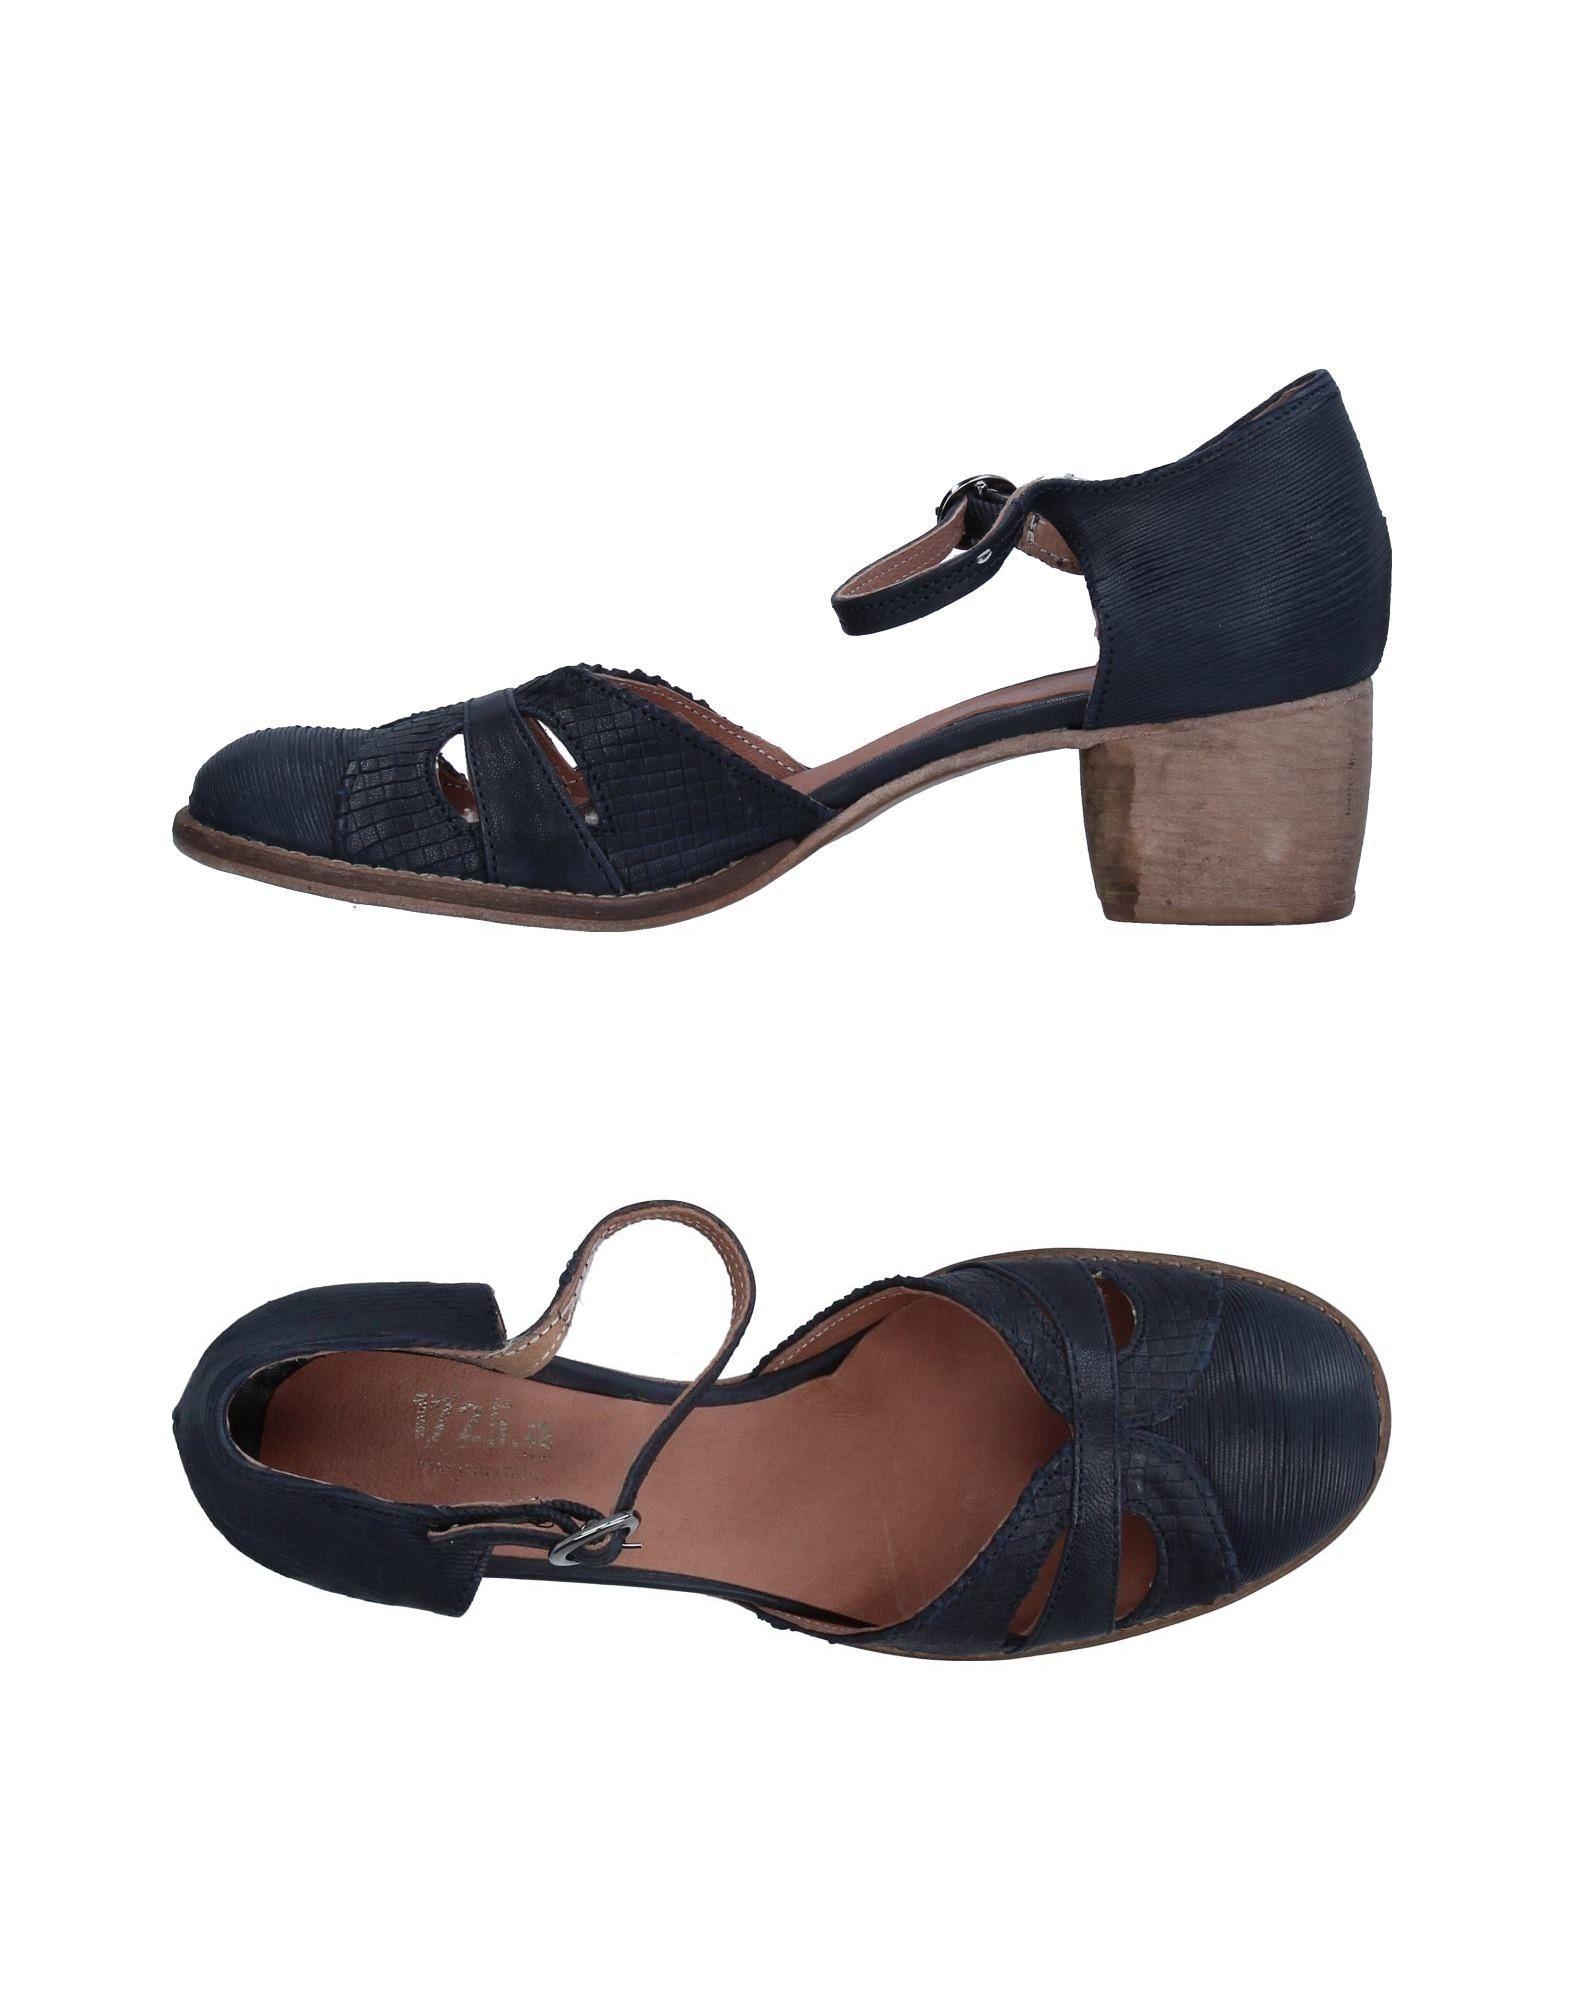 1725.A Pumps Damen  11332715NX Gute Qualität beliebte Schuhe